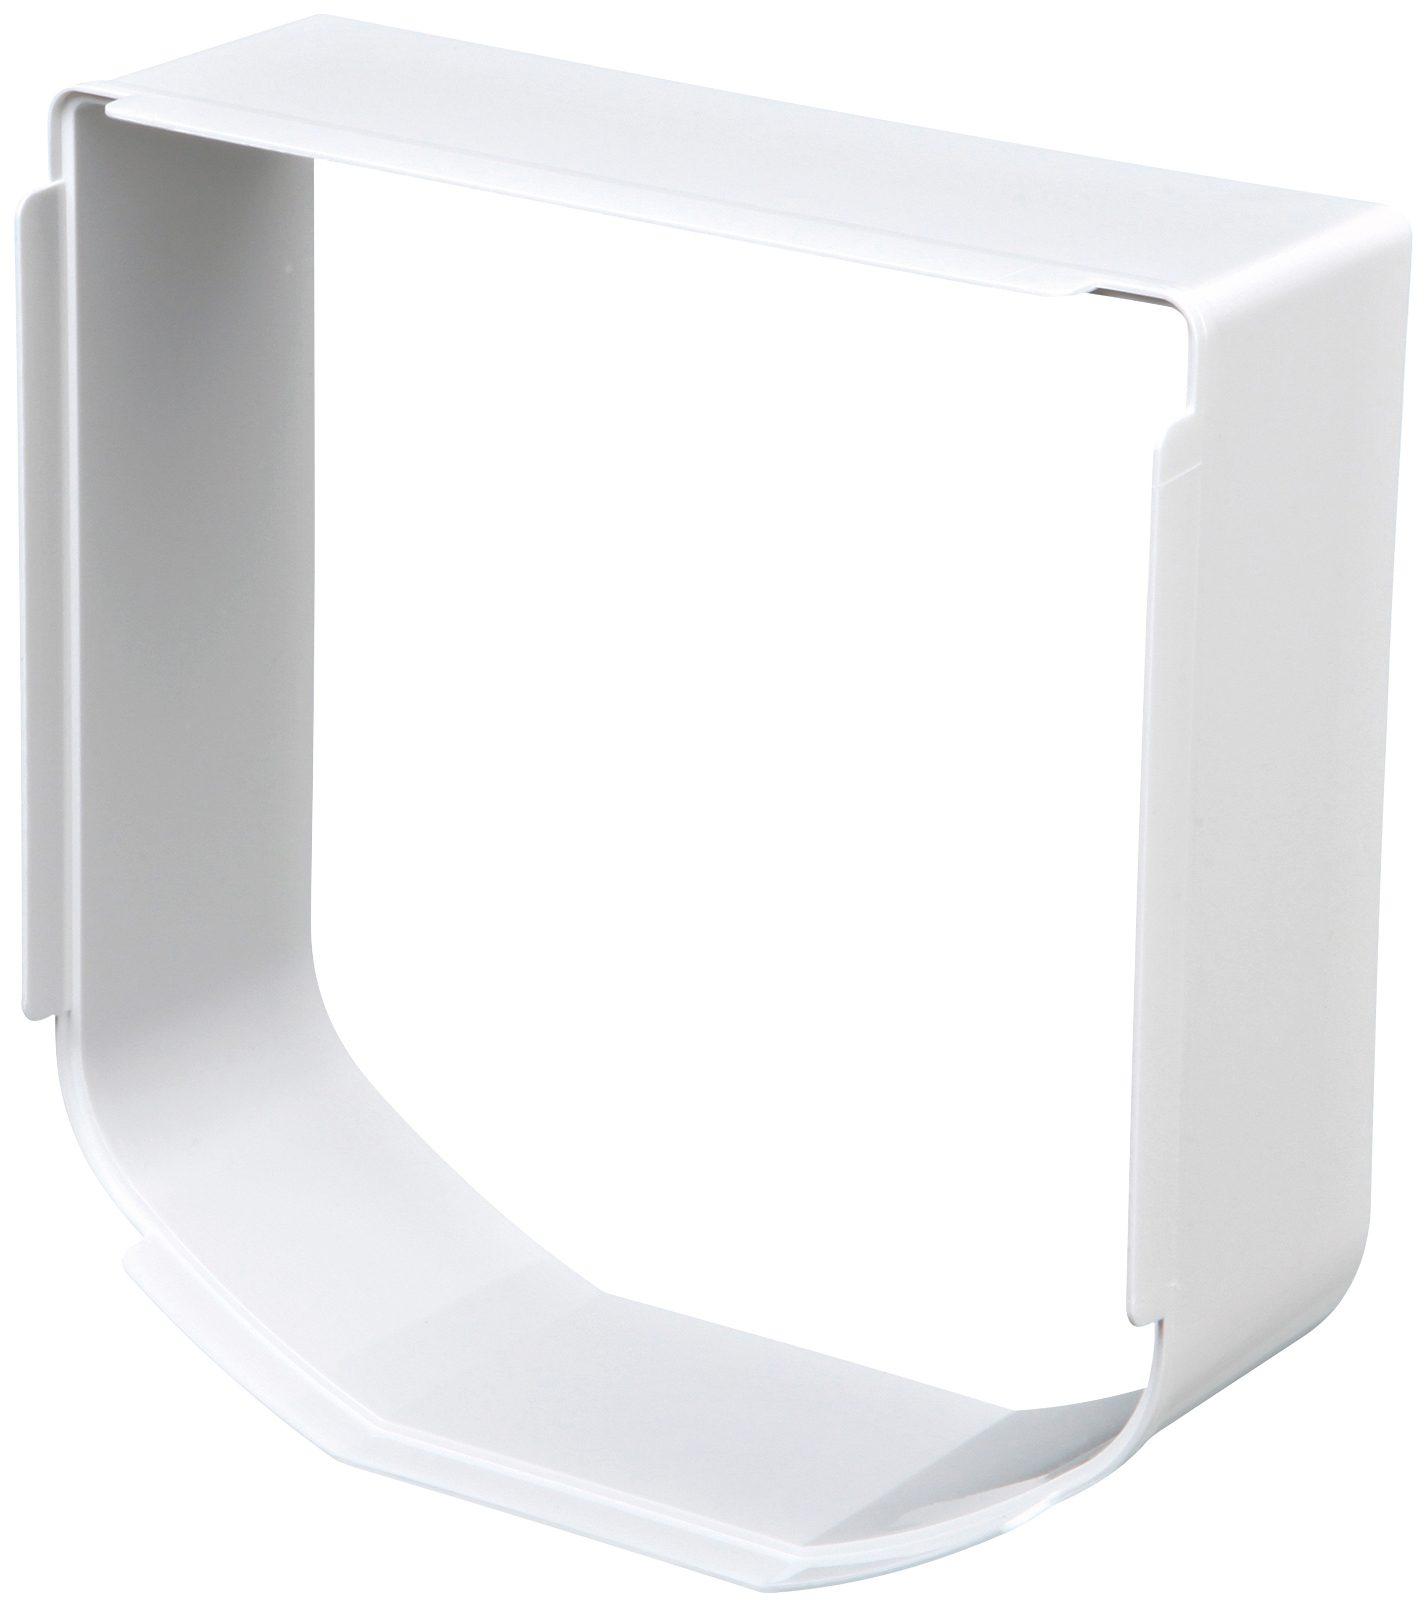 Tunnelelement »SureFlap«, für Katzenklappe »SureFlap Dual Scan«, weiß